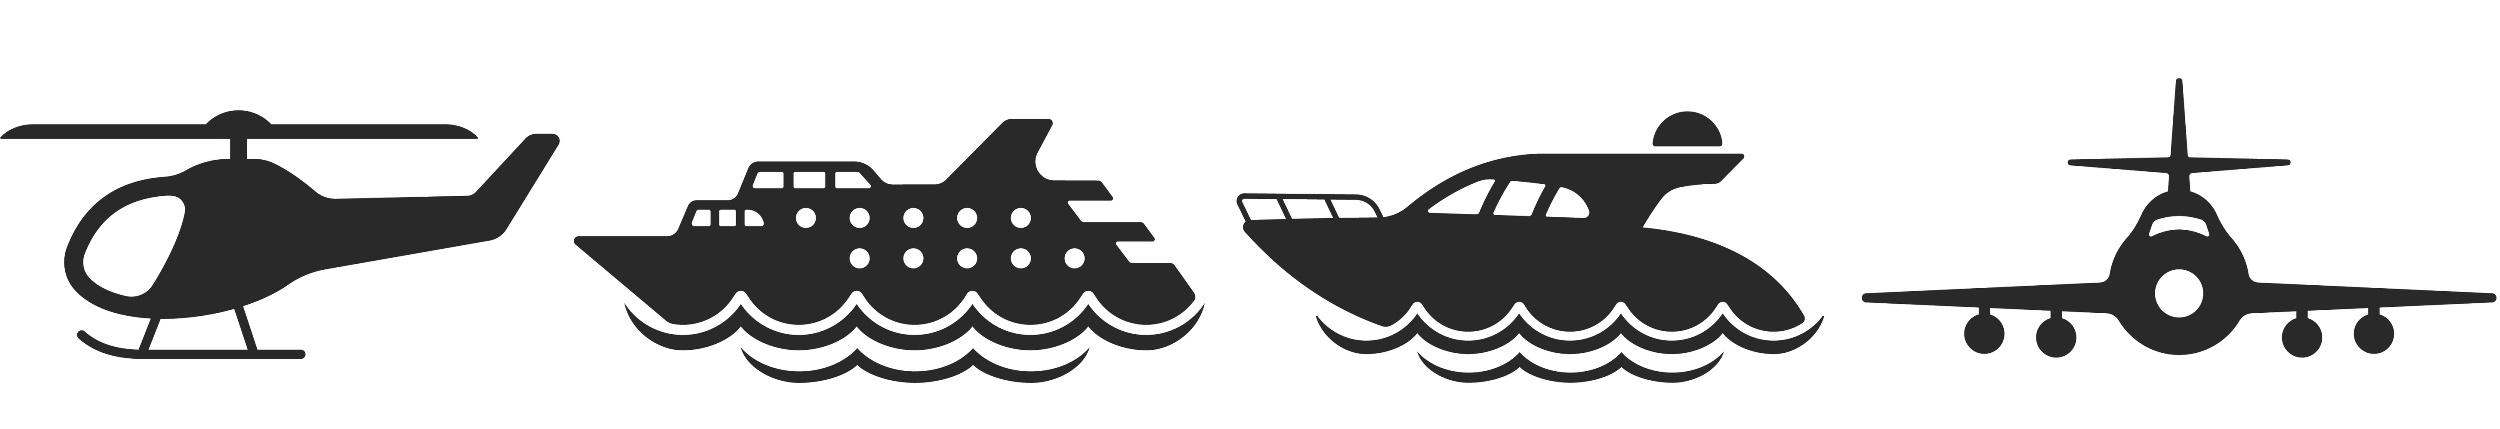 Аренда премиум самолета, вертолета и яхты